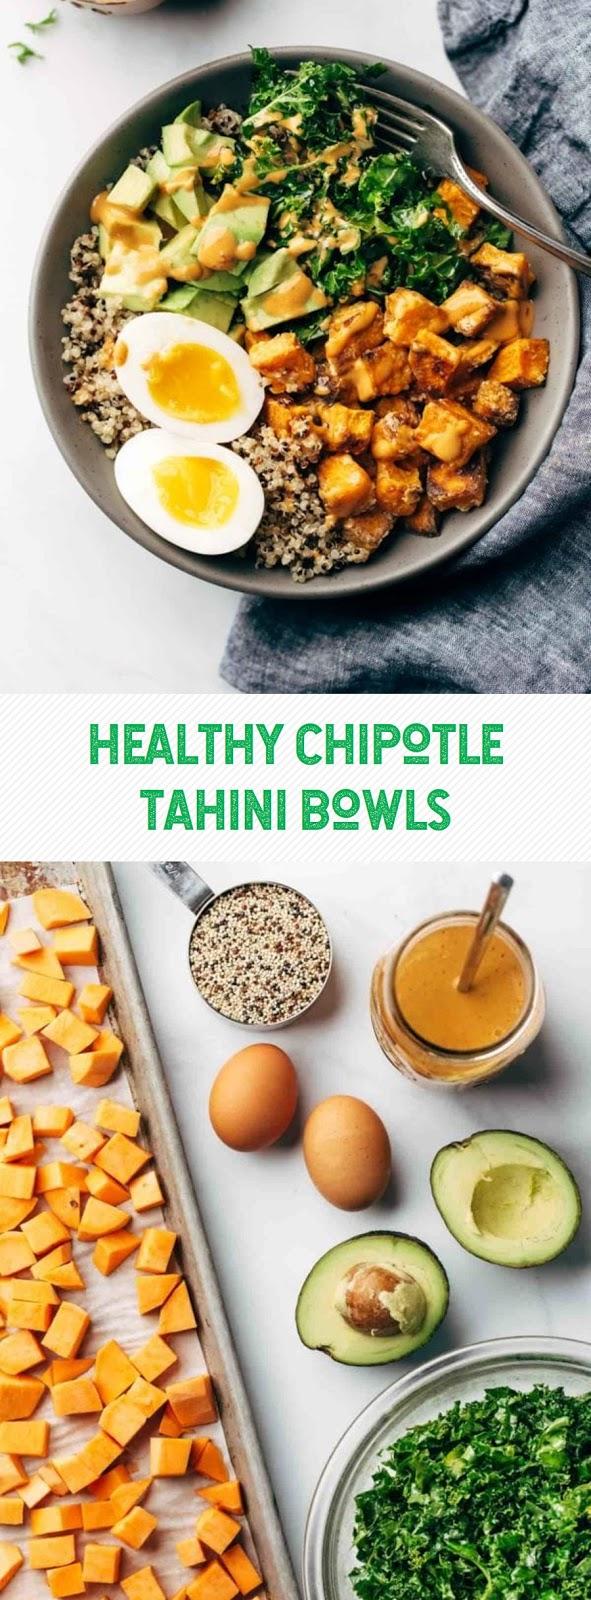 Healthy Chipotle Tahini Bowls